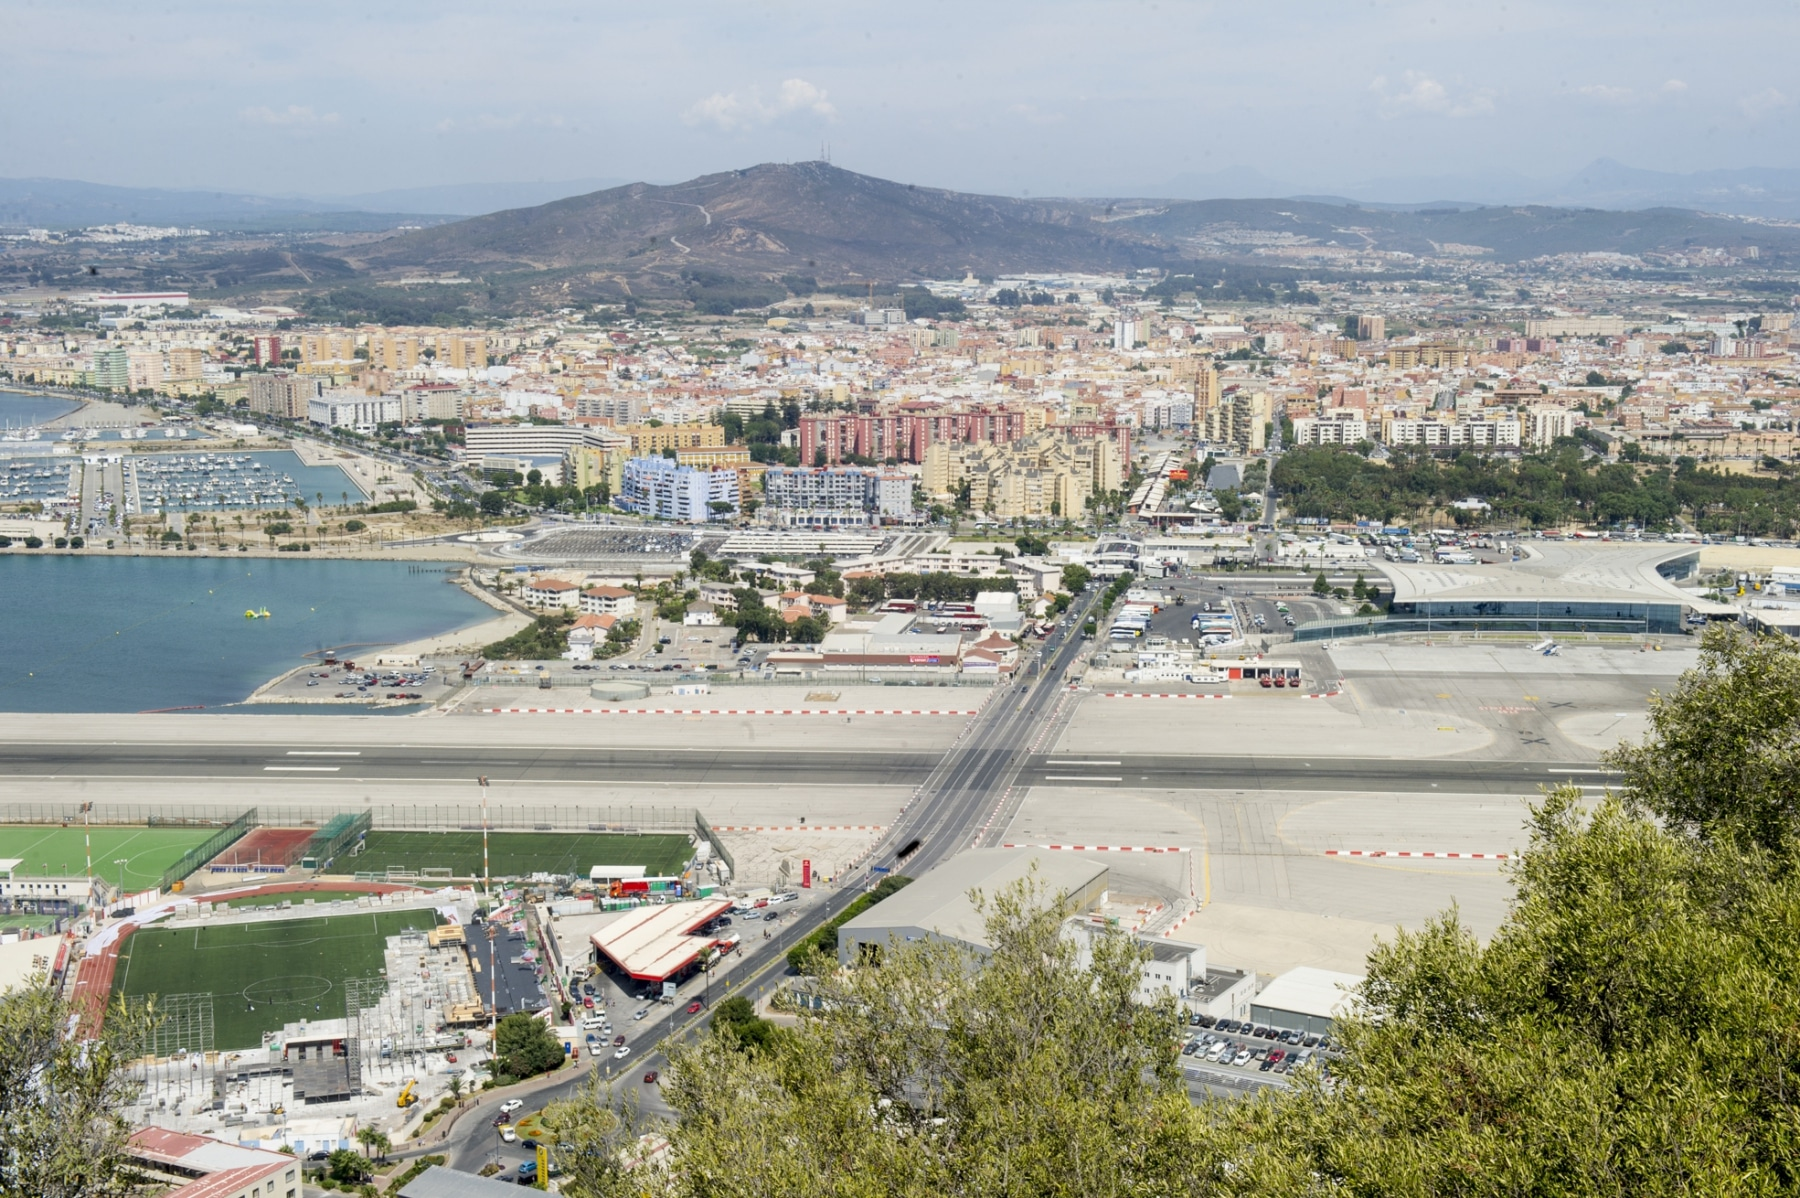 la-va-que-cruza-el-aeropuerto-de-gibraltar-pronto-ser-reconvertida-en-un-tnel_22551881050_o